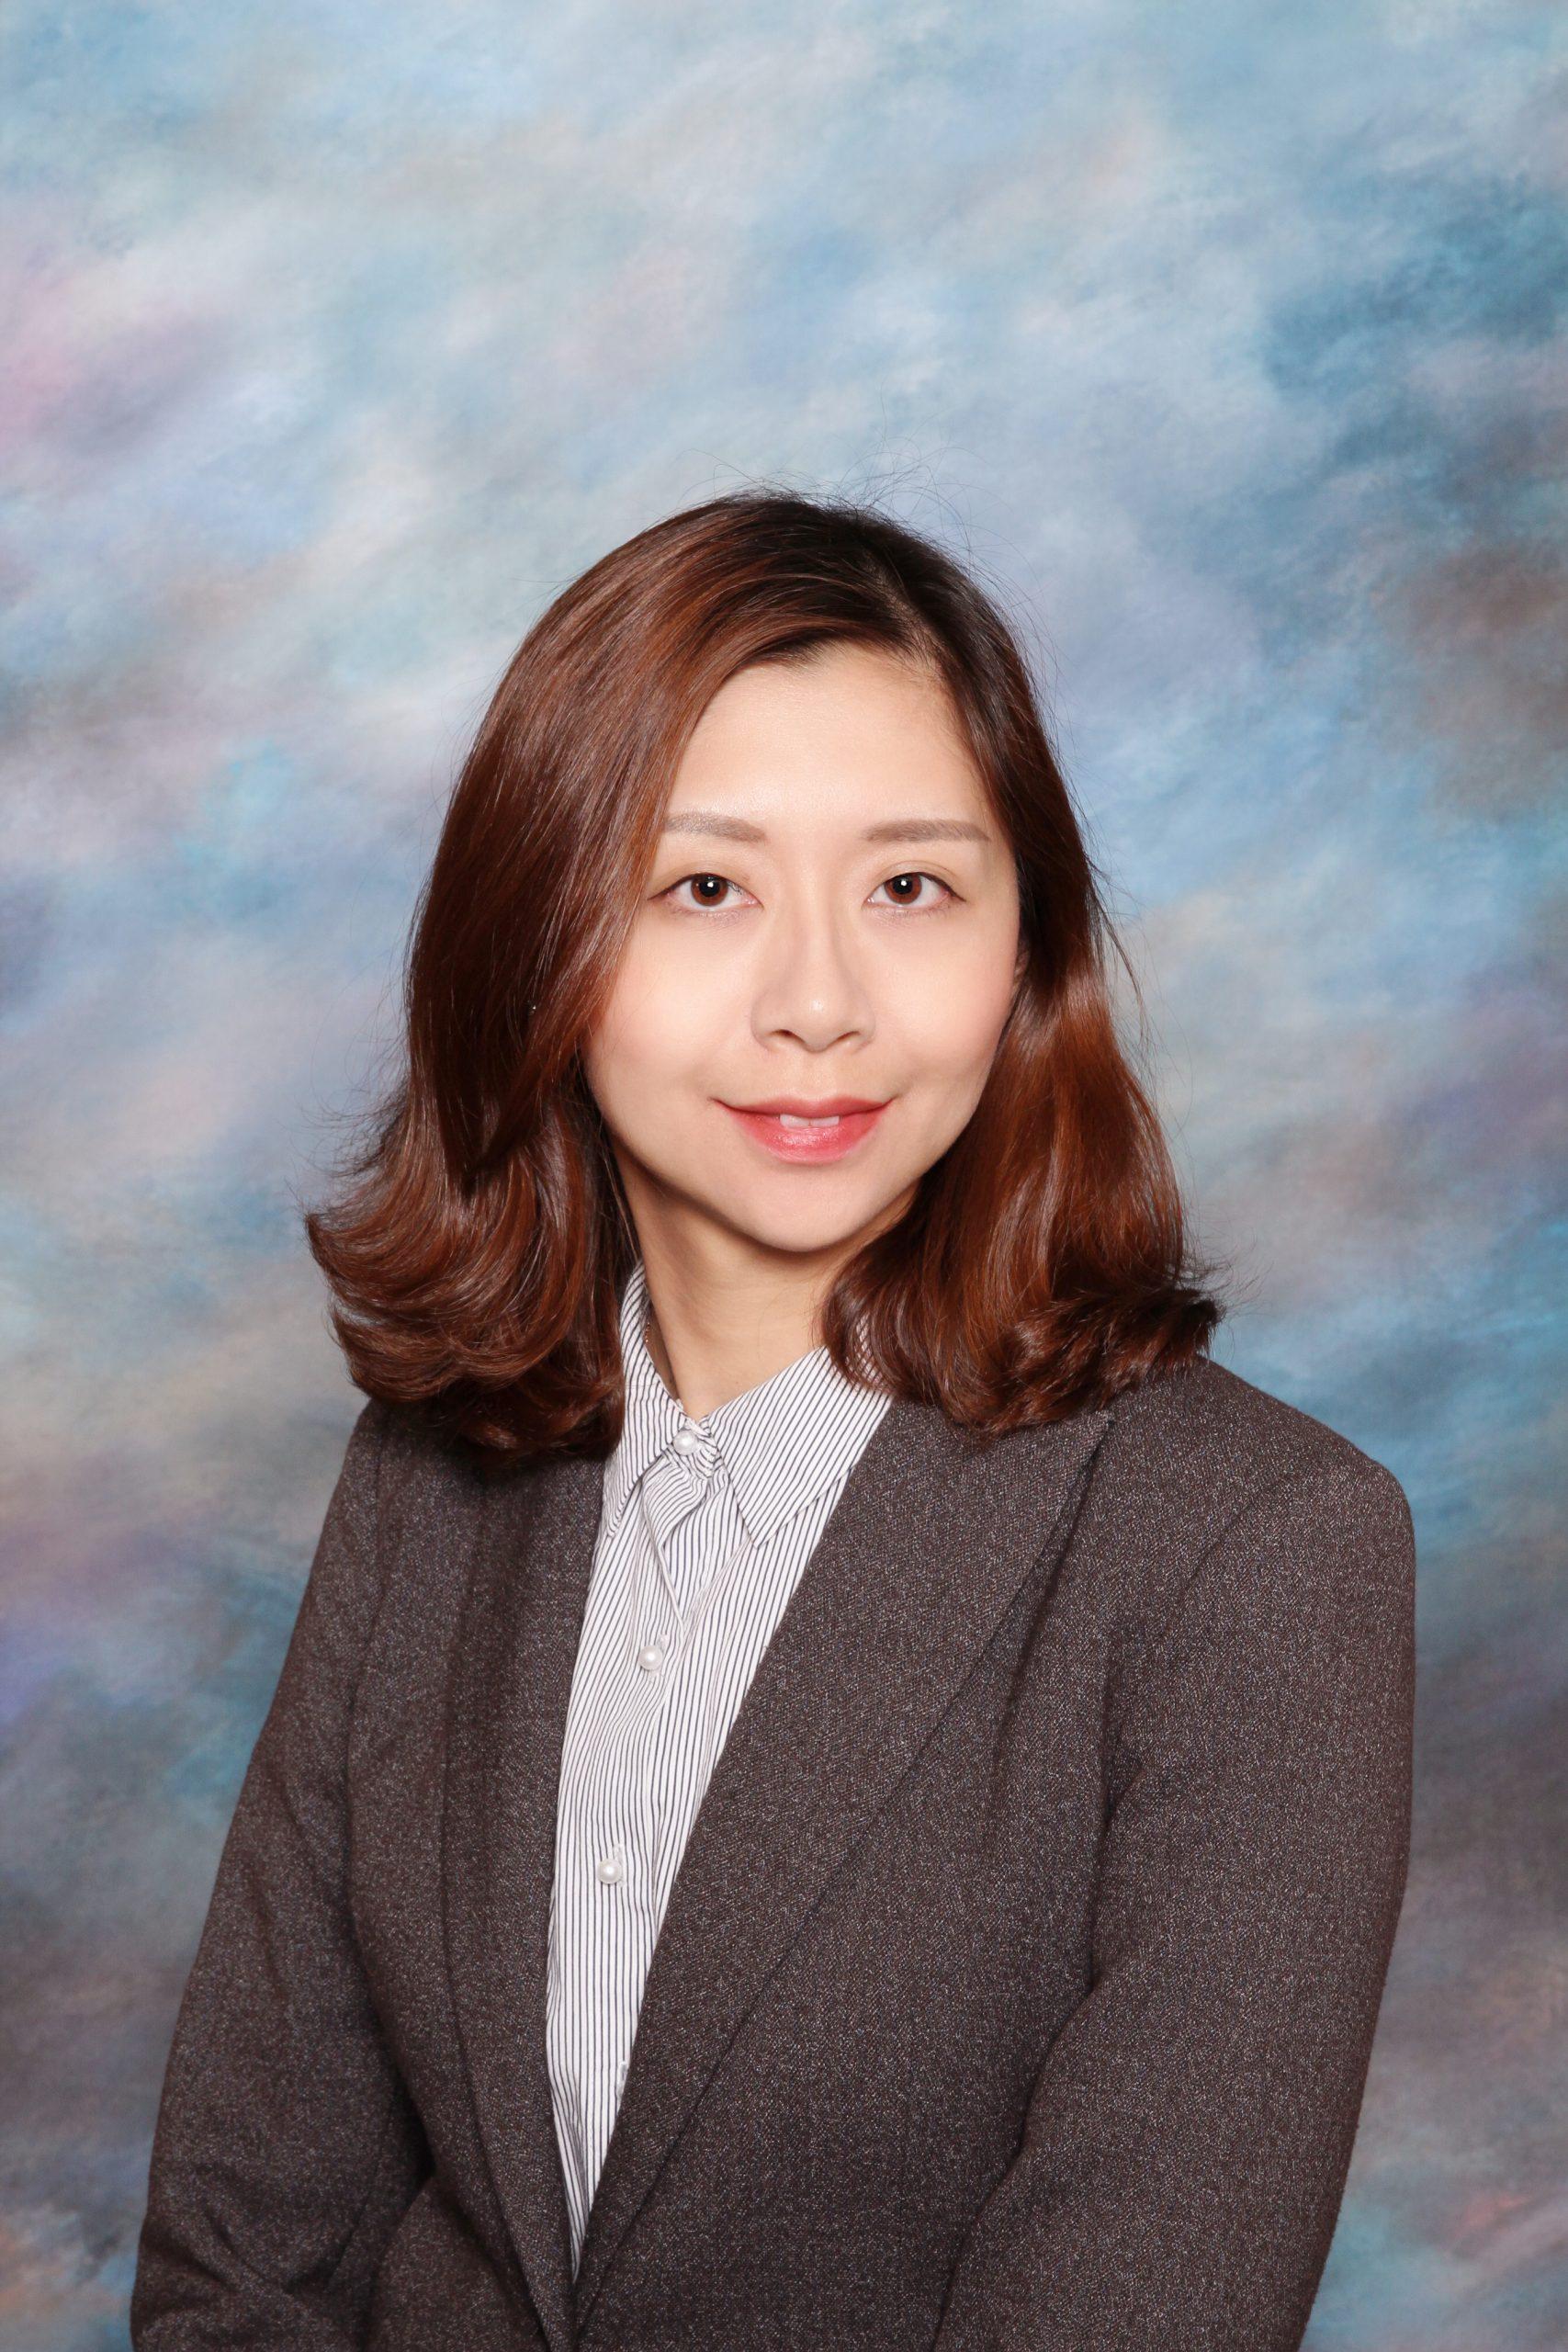 Florence Wang